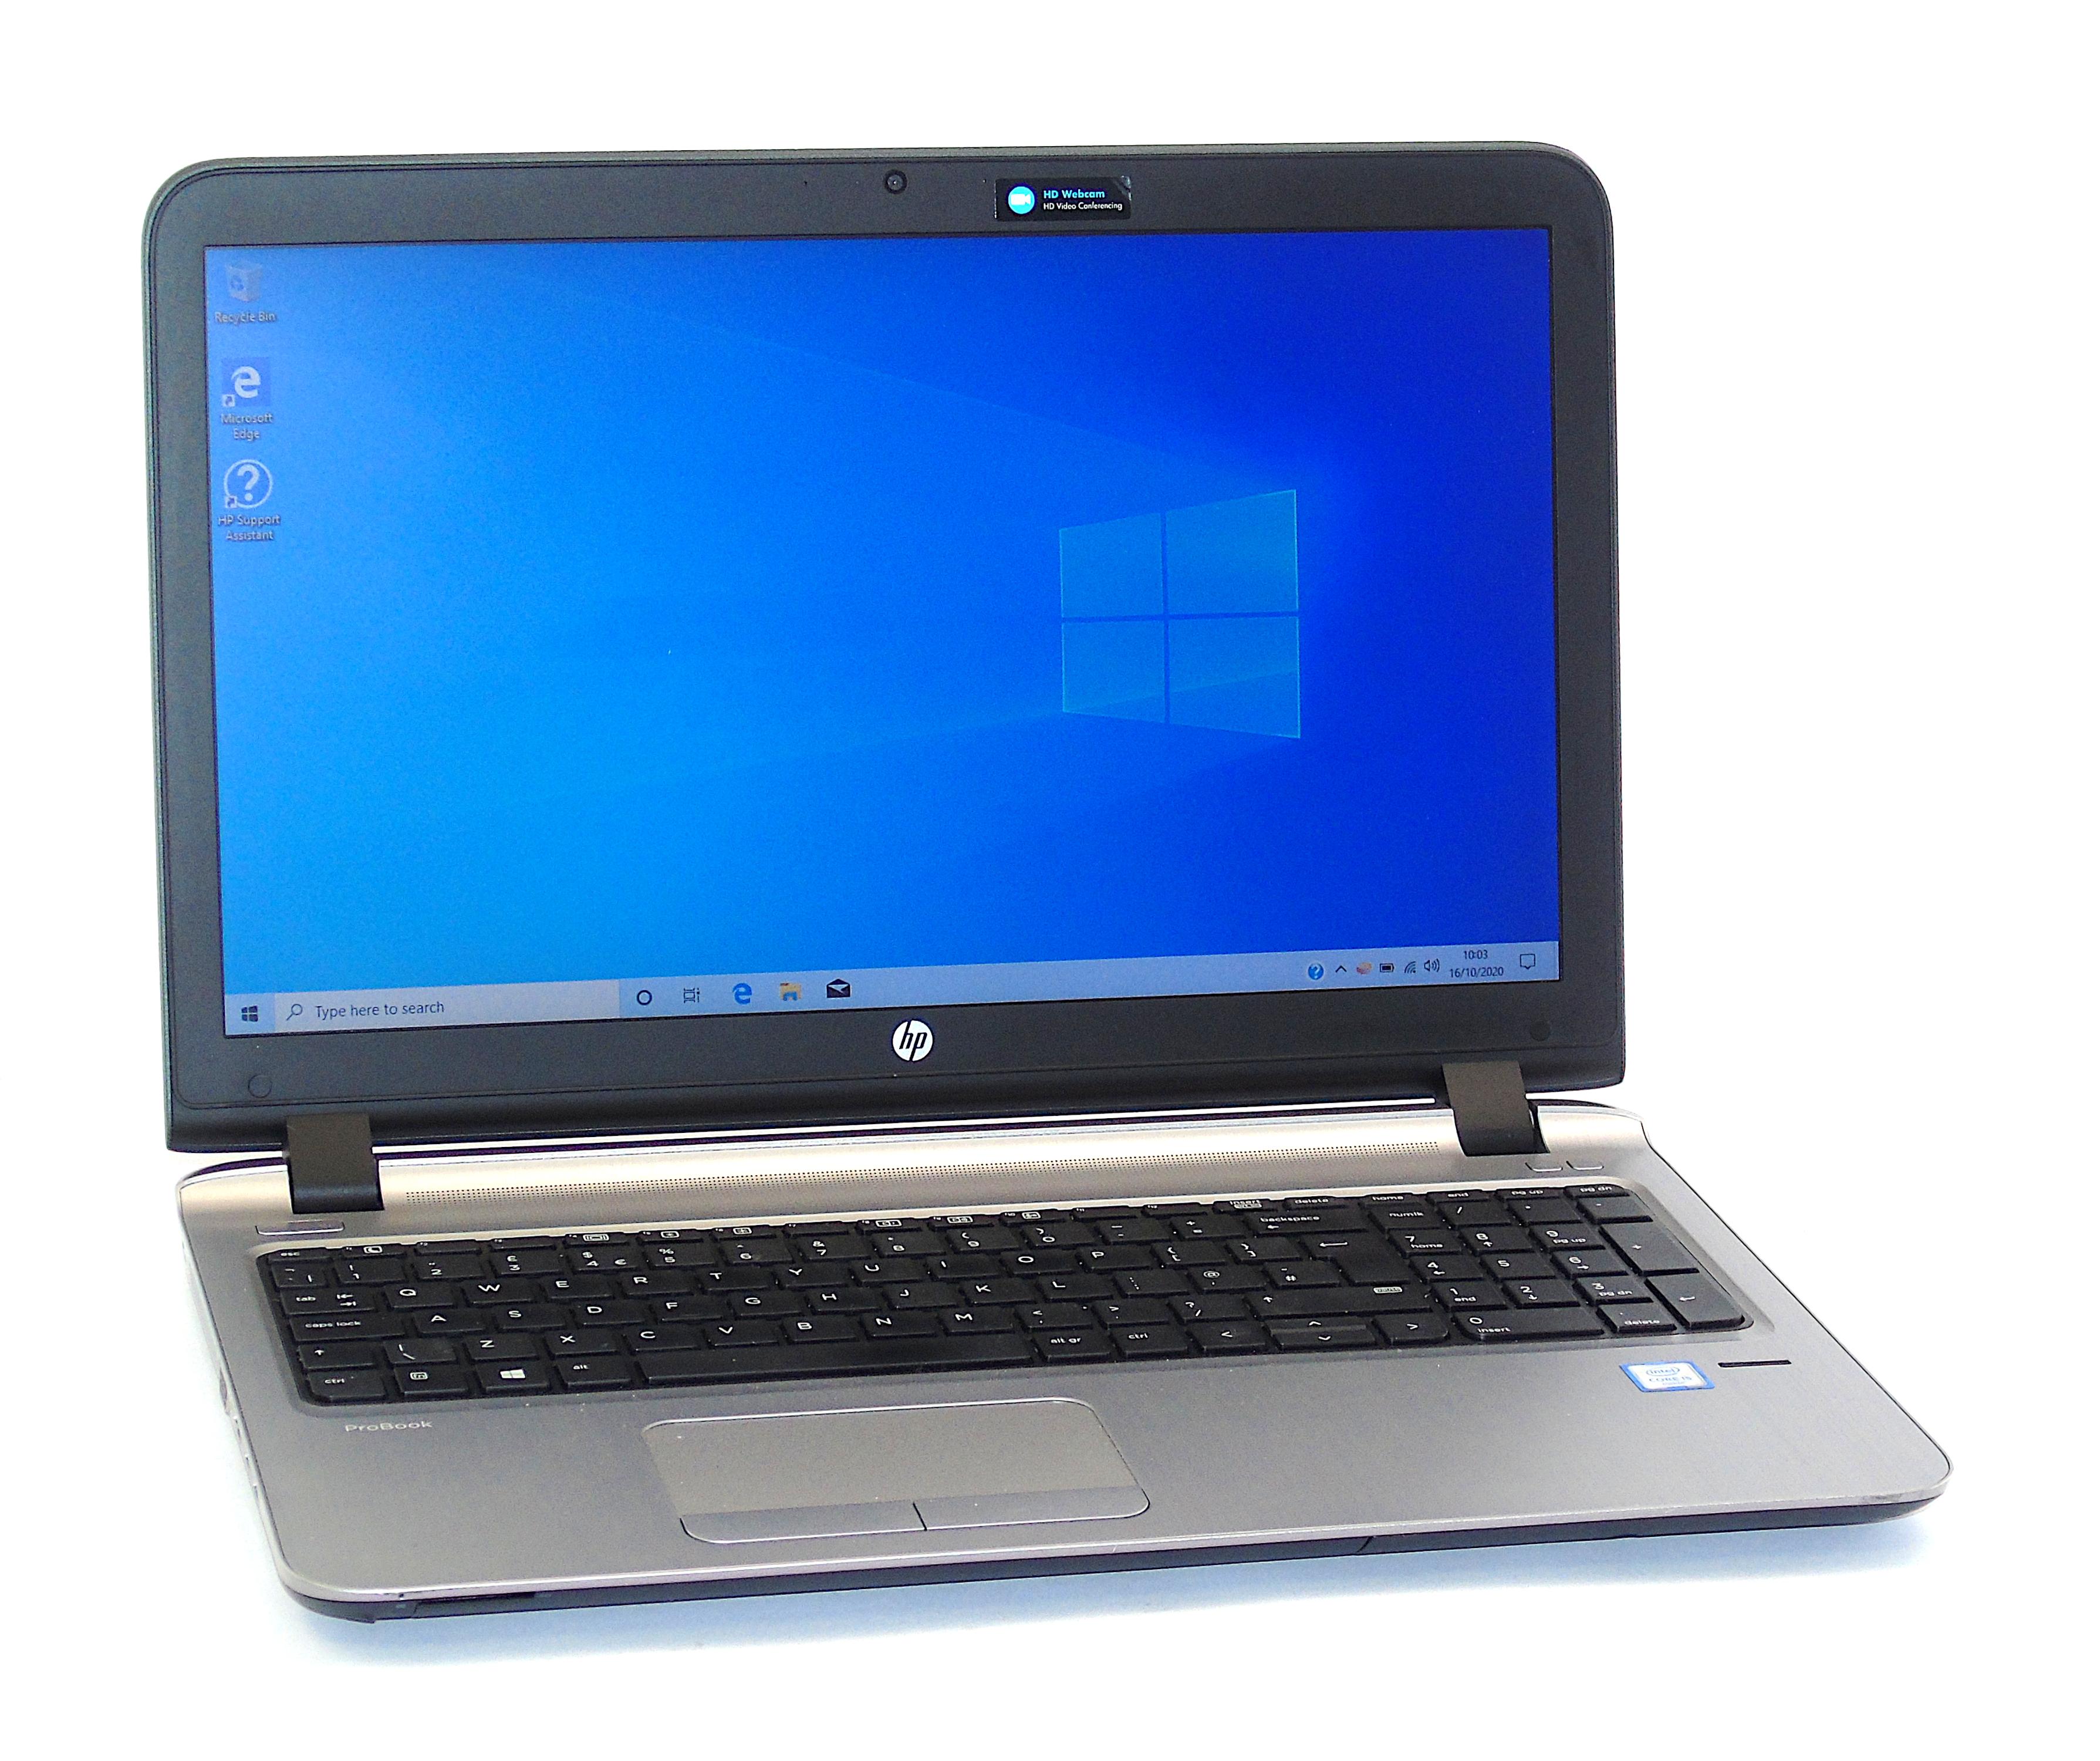 """HP Probook 450 G3 Core i5-6200U 8GB RAM 128GB SSD 15.6"""" Display Windows 10"""